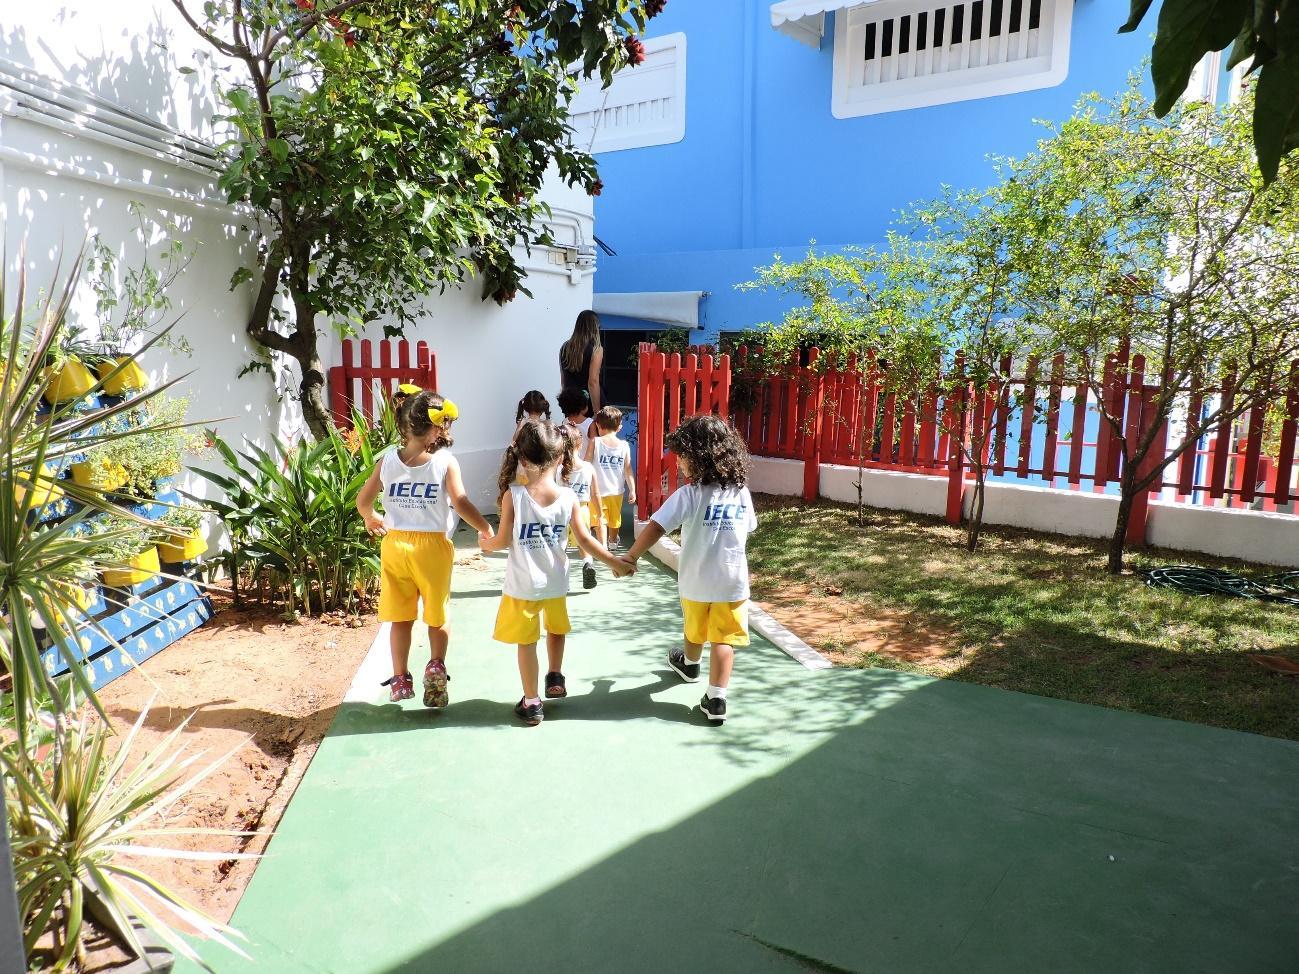 E:\Fotos 2019\1 - Janeiro\29-01 Início das Aulas (Ed. Infantil Tarde)\DSCN4163.JPG